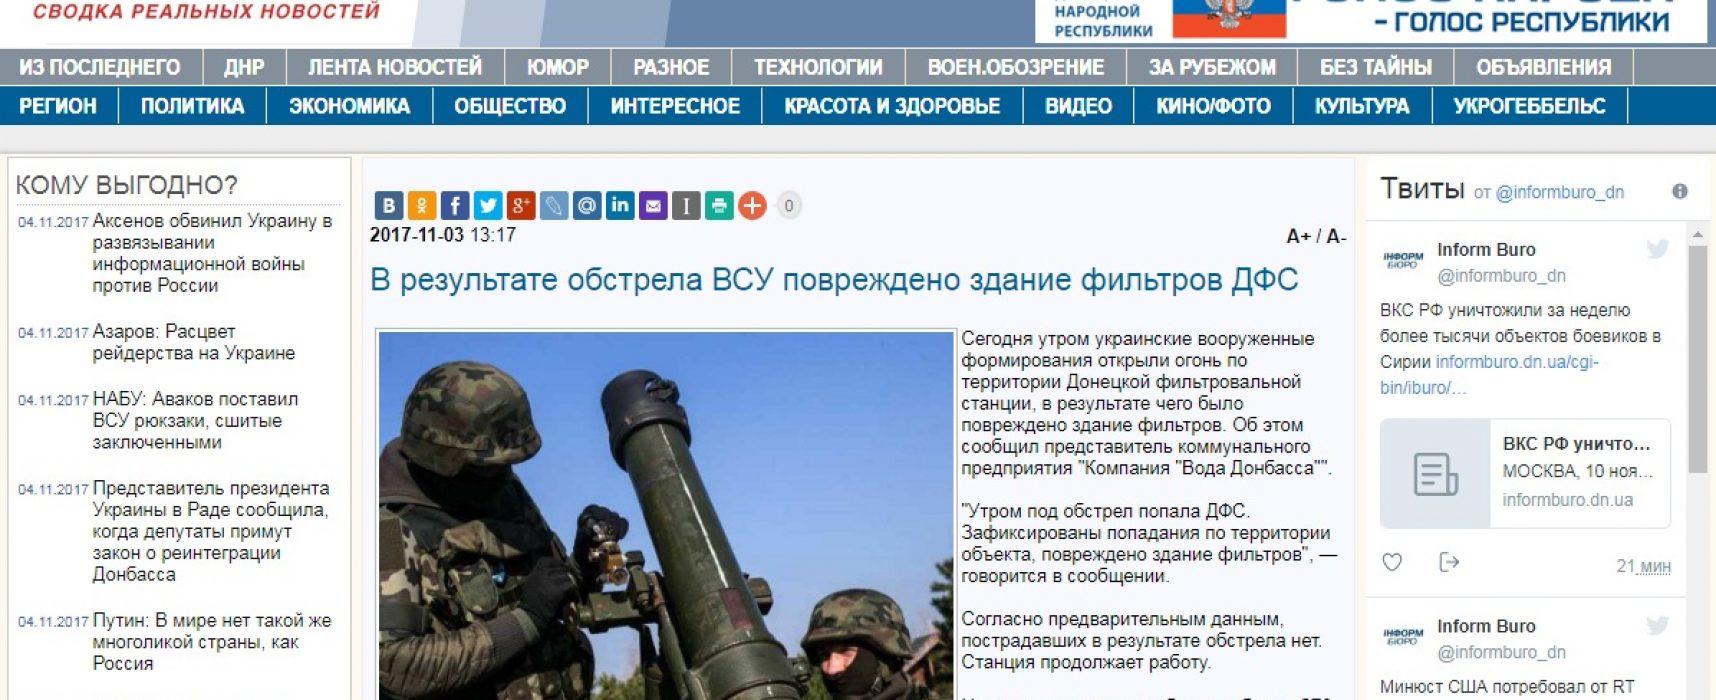 Вина украинской армии в обстреле Донецкой фильтровальной станции и повреждении хлоропровода недоказана